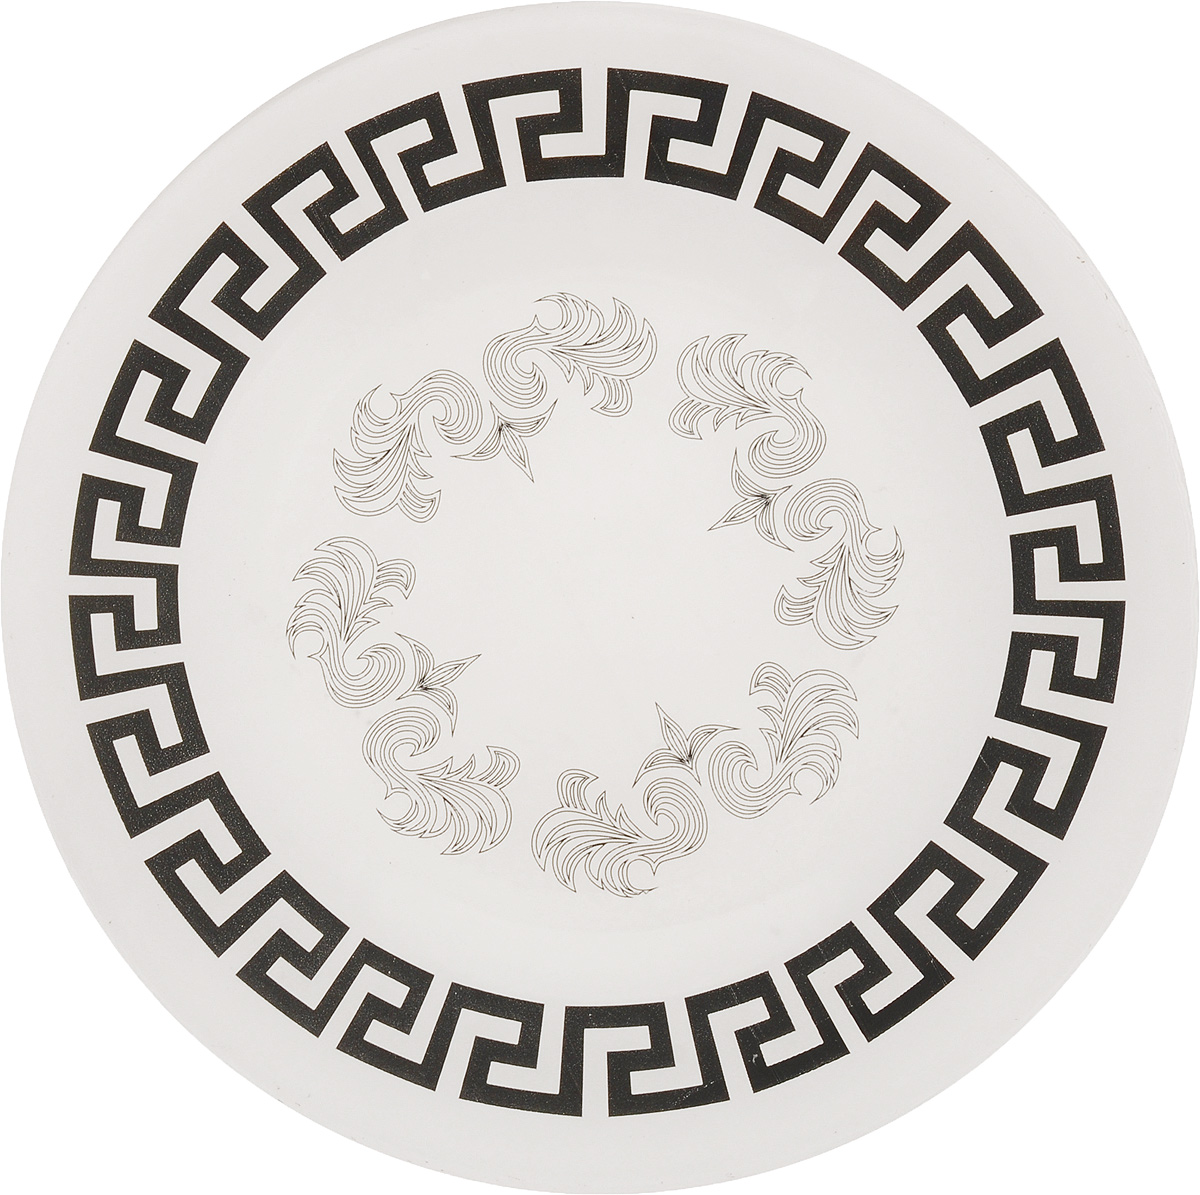 Тарелка обеденная Гусь-Хрустальный Греческий узор, диаметр 26 см115510Глубокая тарелка Гусь-Хрустальный Греческий узор изготовлена из высококачественного натрий-кальций-силикатного стекла. Изделие выполнено в белом цвете и оформлено красивым черным орнаментом. Она прекрасно впишется винтерьер вашей кухни и станет достойным дополнениемк кухонному инвентарю. Тарелка Гусь-Хрустальный Греческий узор подчеркнет прекрасный вкус хозяйкии станет отличным подарком. Диаметр тарелки: 26 см.Высота тарелки: 1,5 см.